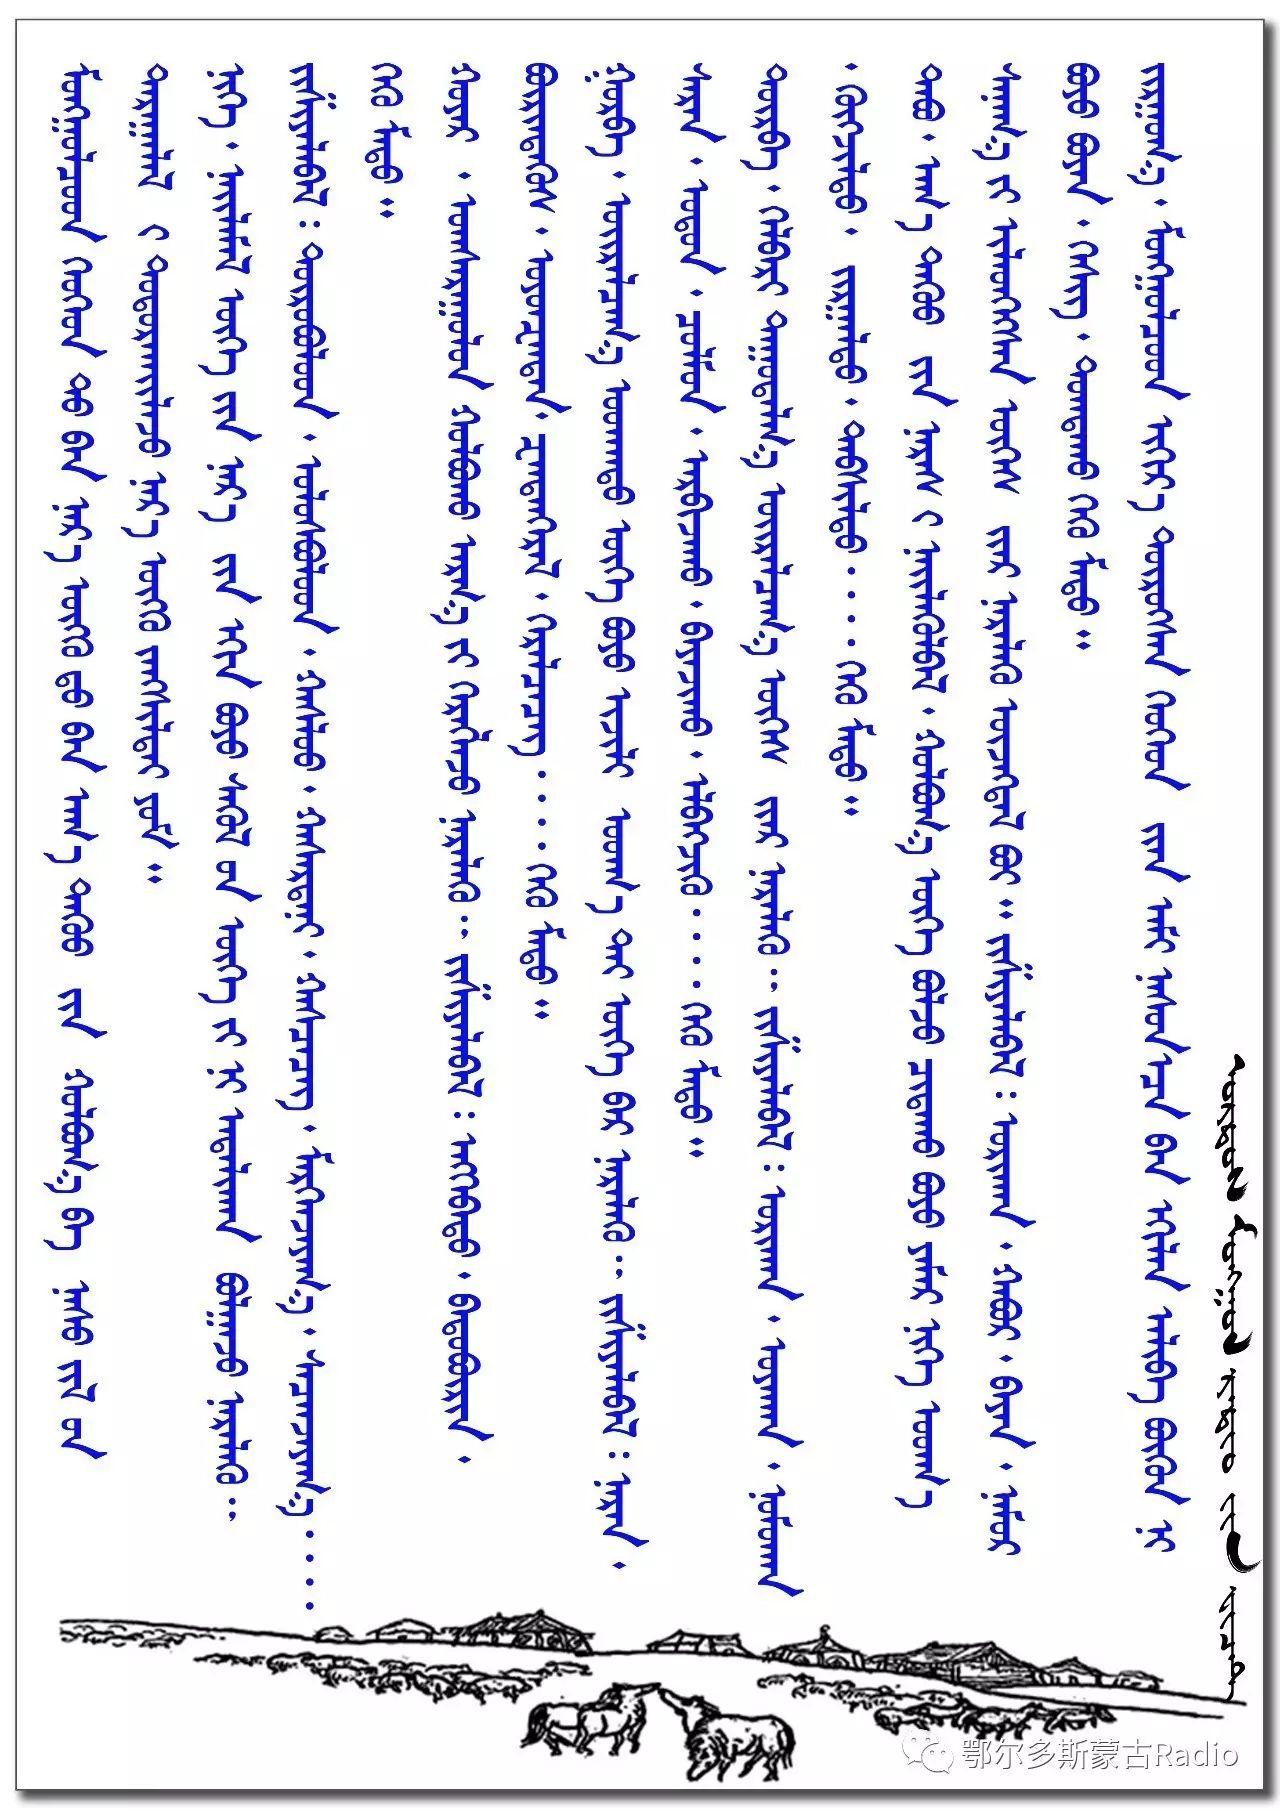 【习俗】蒙古人起名字习俗,年轻的父母们快来看看是怎么回事(蒙古文) 第5张 【习俗】蒙古人起名字习俗,年轻的父母们快来看看是怎么回事(蒙古文) 蒙古文库